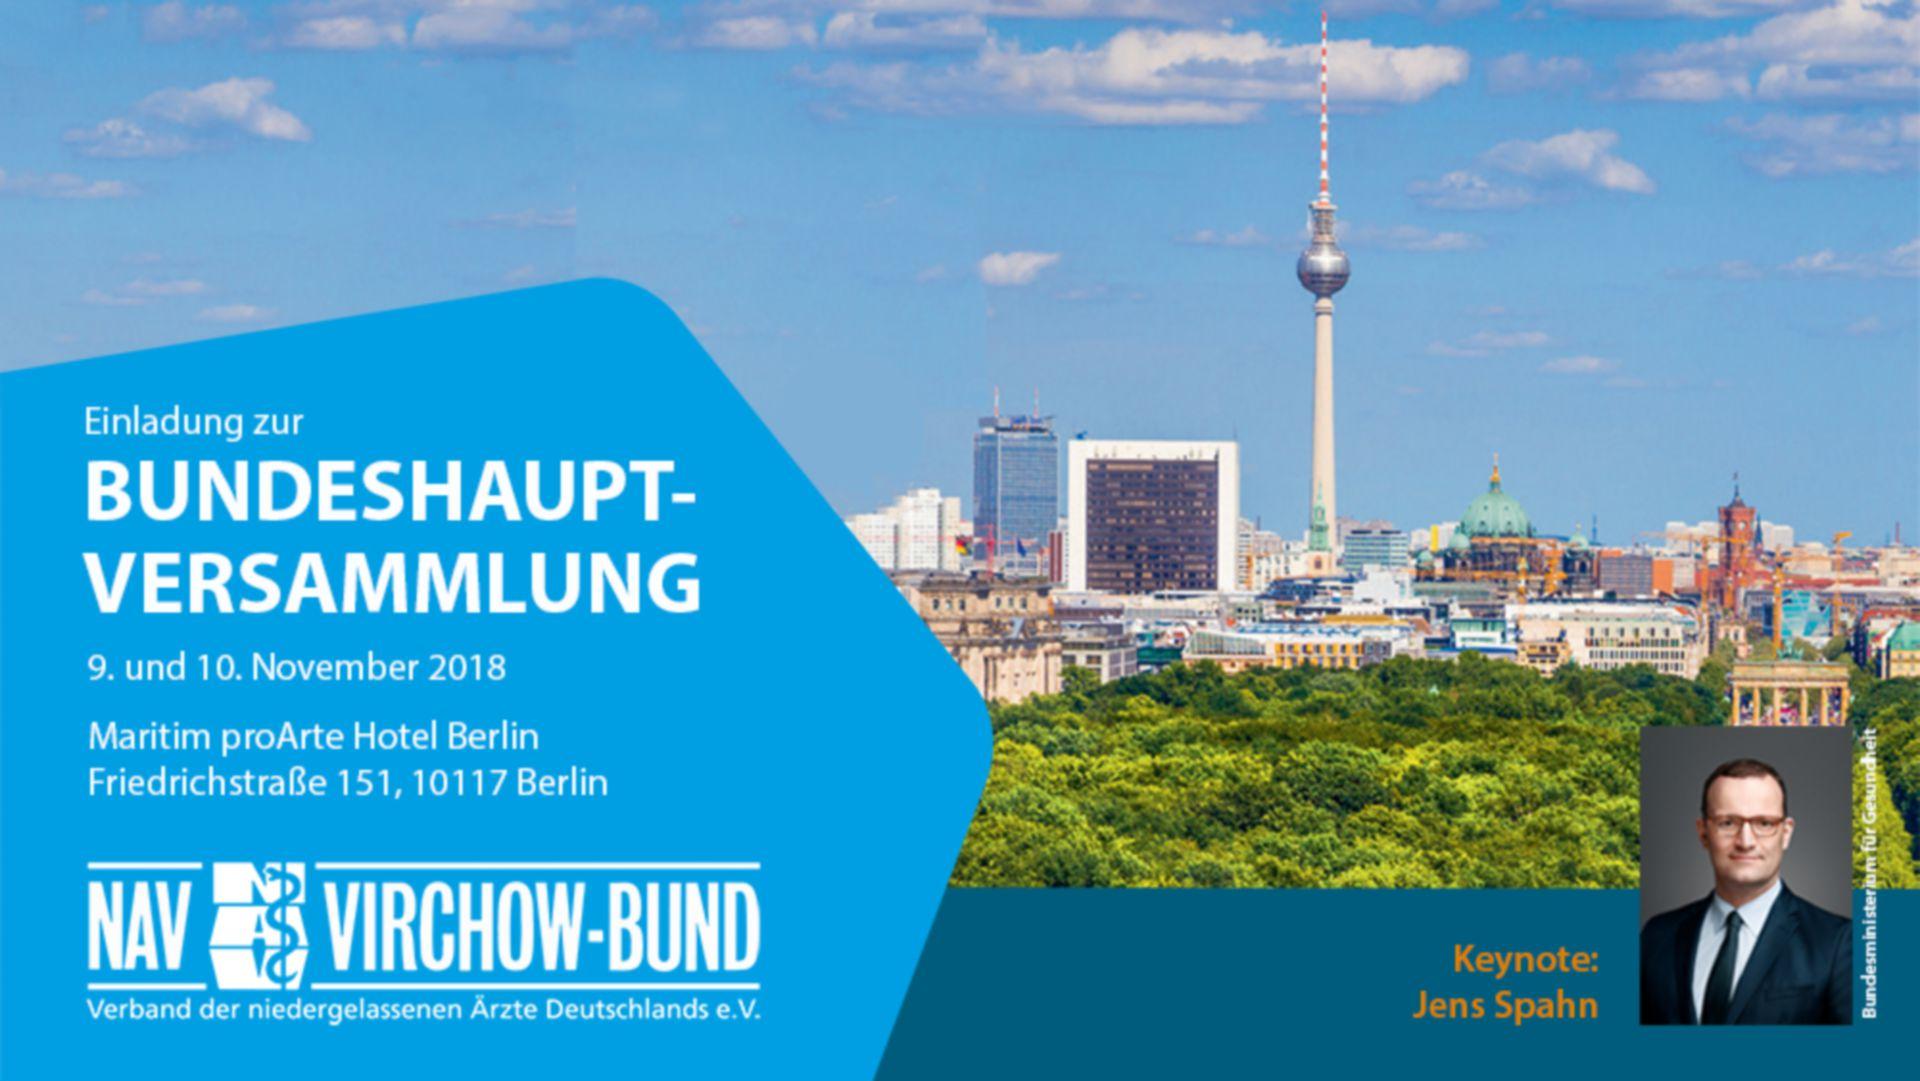 Einladung: 9.11.2018 | Diskussion mit Jens Spahn & NAV-Virchow-Bund